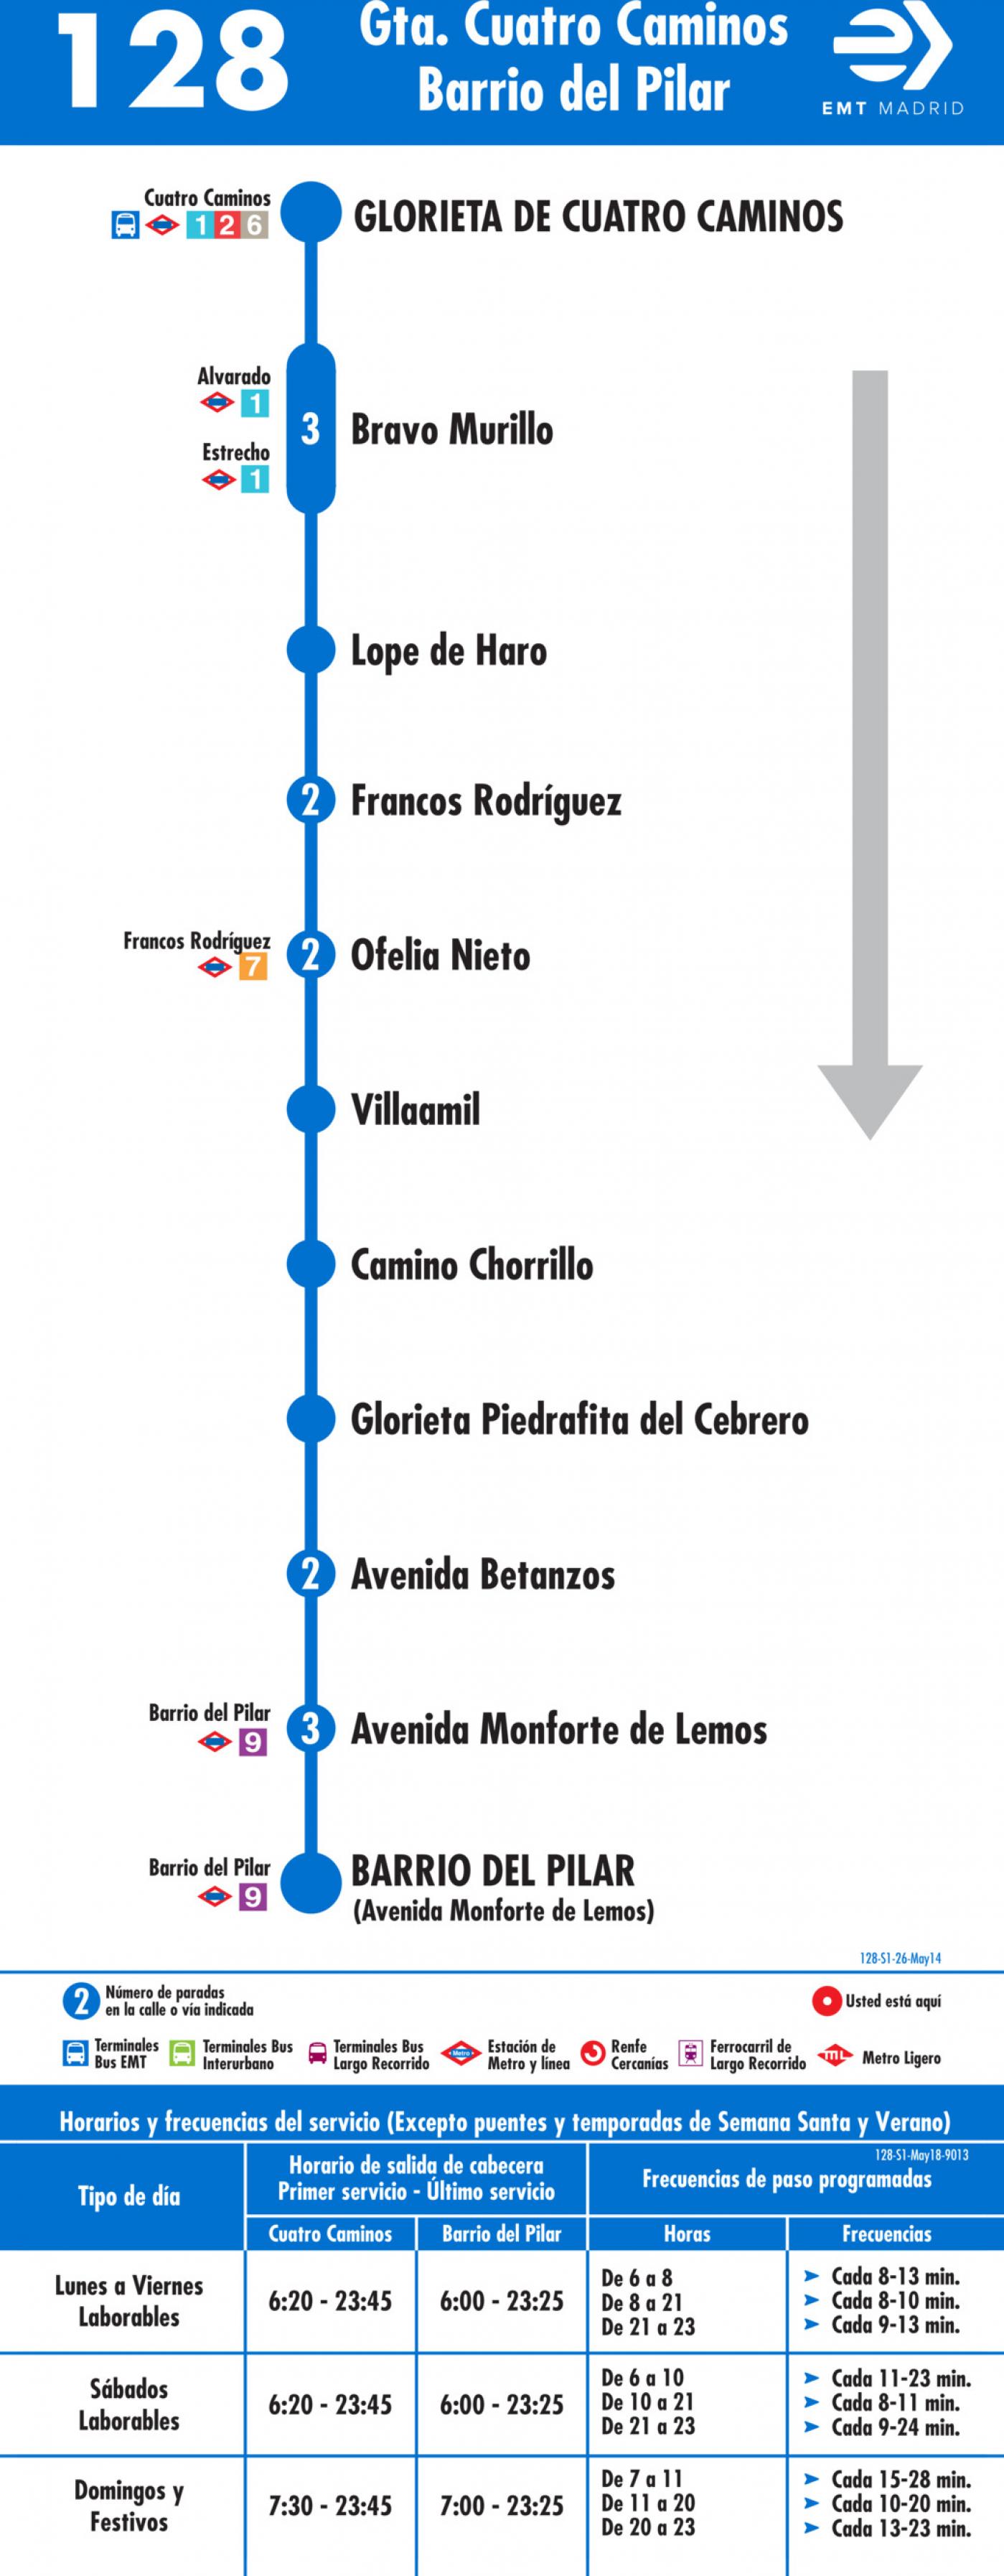 Tabla de horarios y frecuencias de paso en sentido ida Línea 128: Glorieta de Cuatro Caminos - Barrio del Pilar